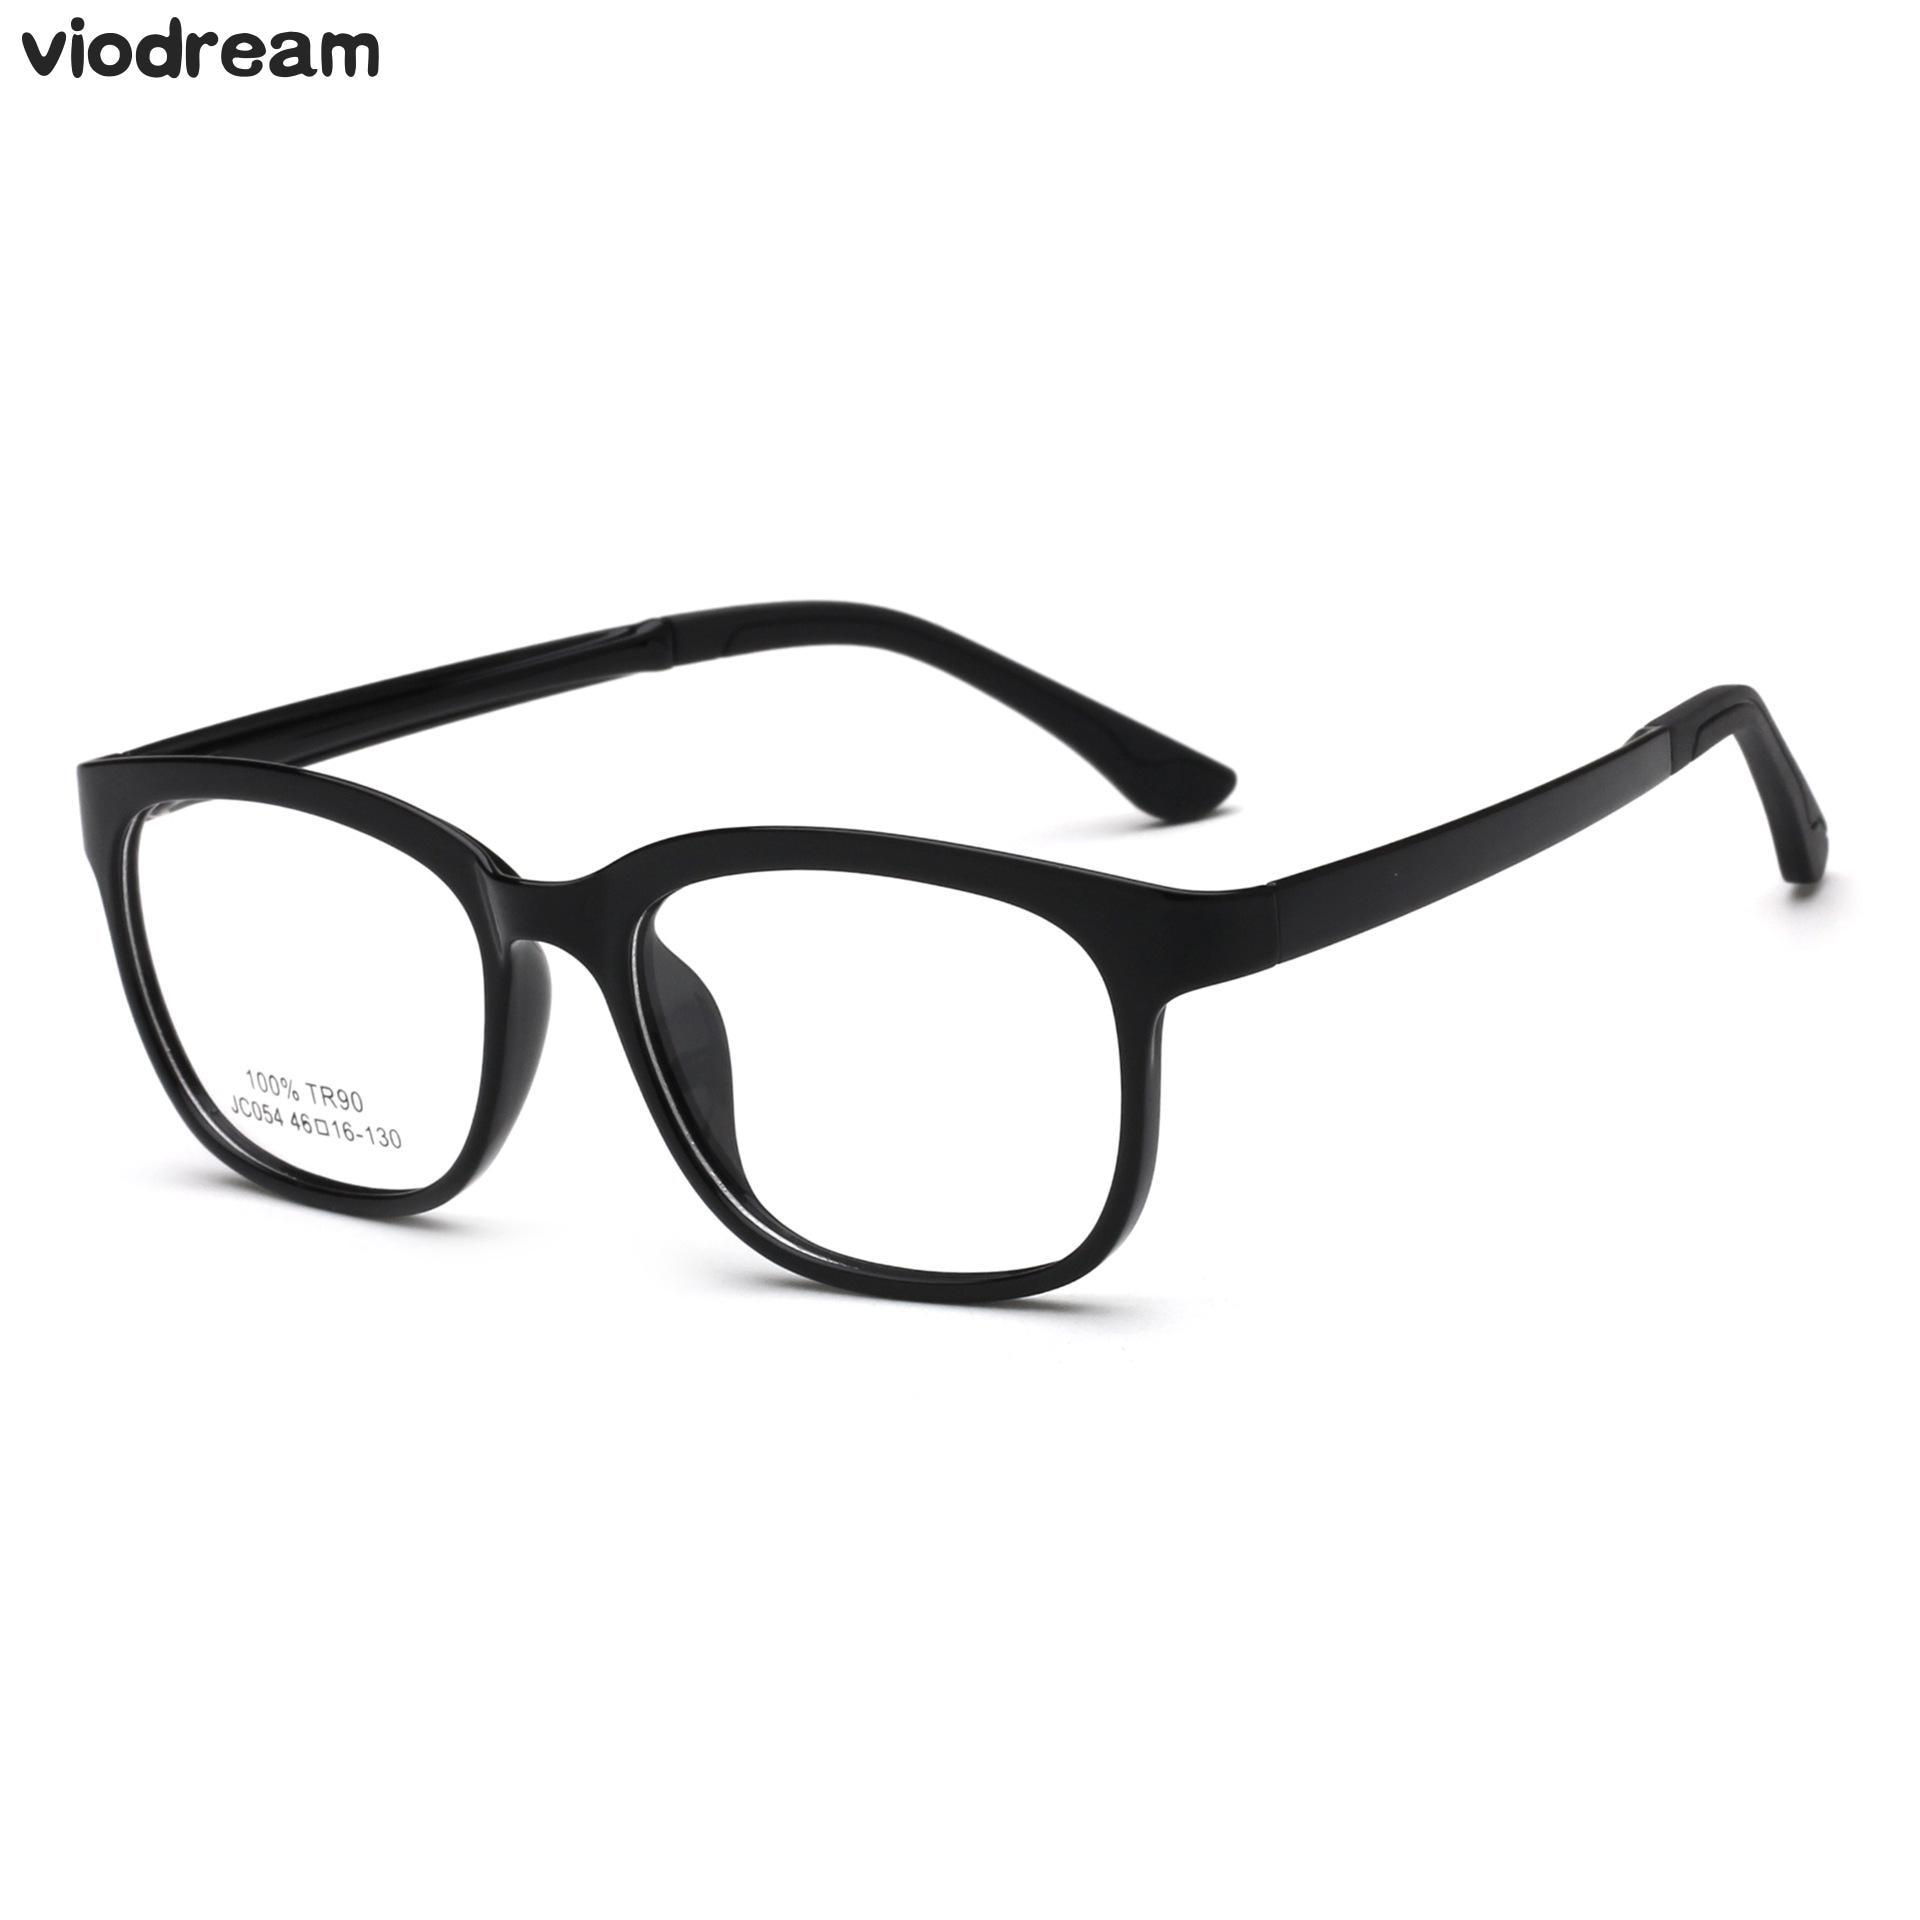 421afe8eaf3 Detail Feedback Questions about Viodream Children Retro Tr90 Ultra Light Glasses  Frame Optical Glasses Frame For BOY GIRL Spectacle Frame Oculos De Grau on  ...